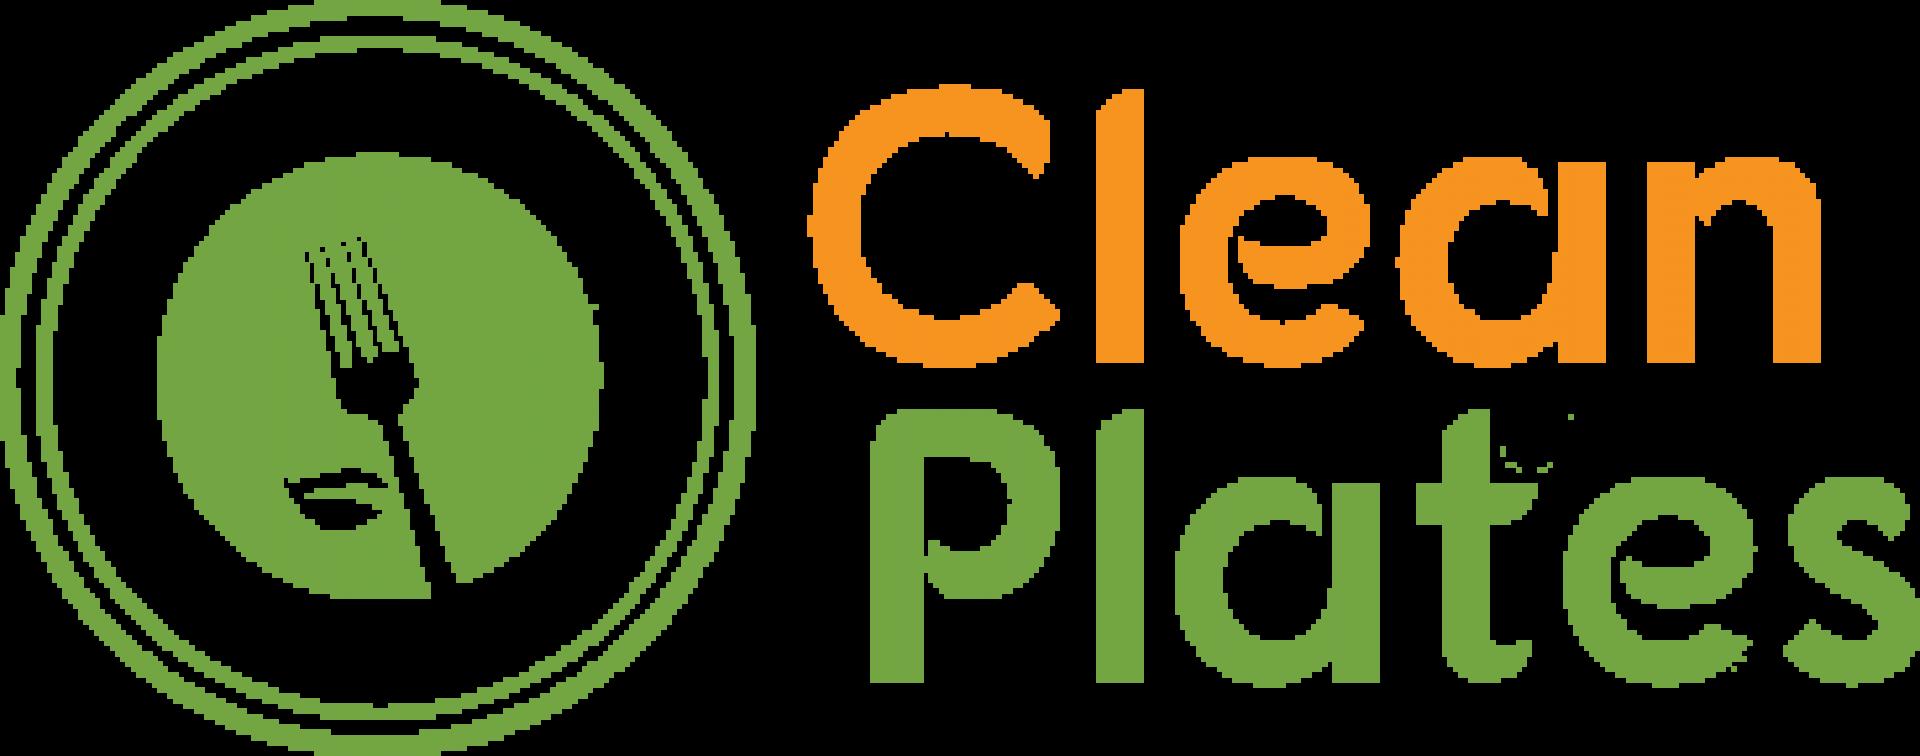 Clean Plates Detroit logo